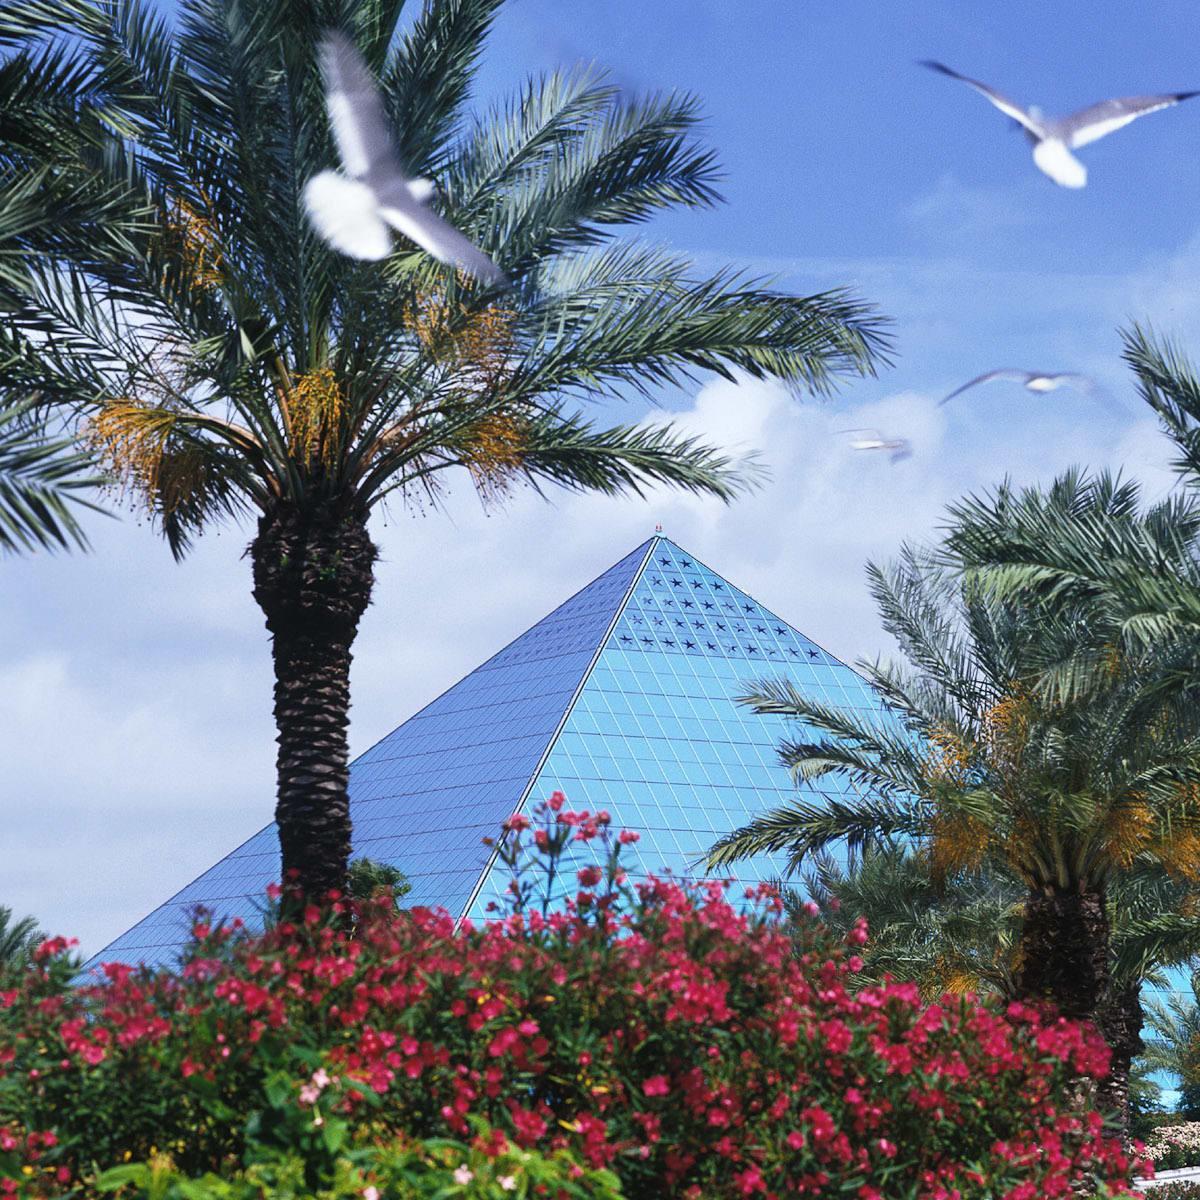 News_Galveston_Moody Gardens_Pyramid